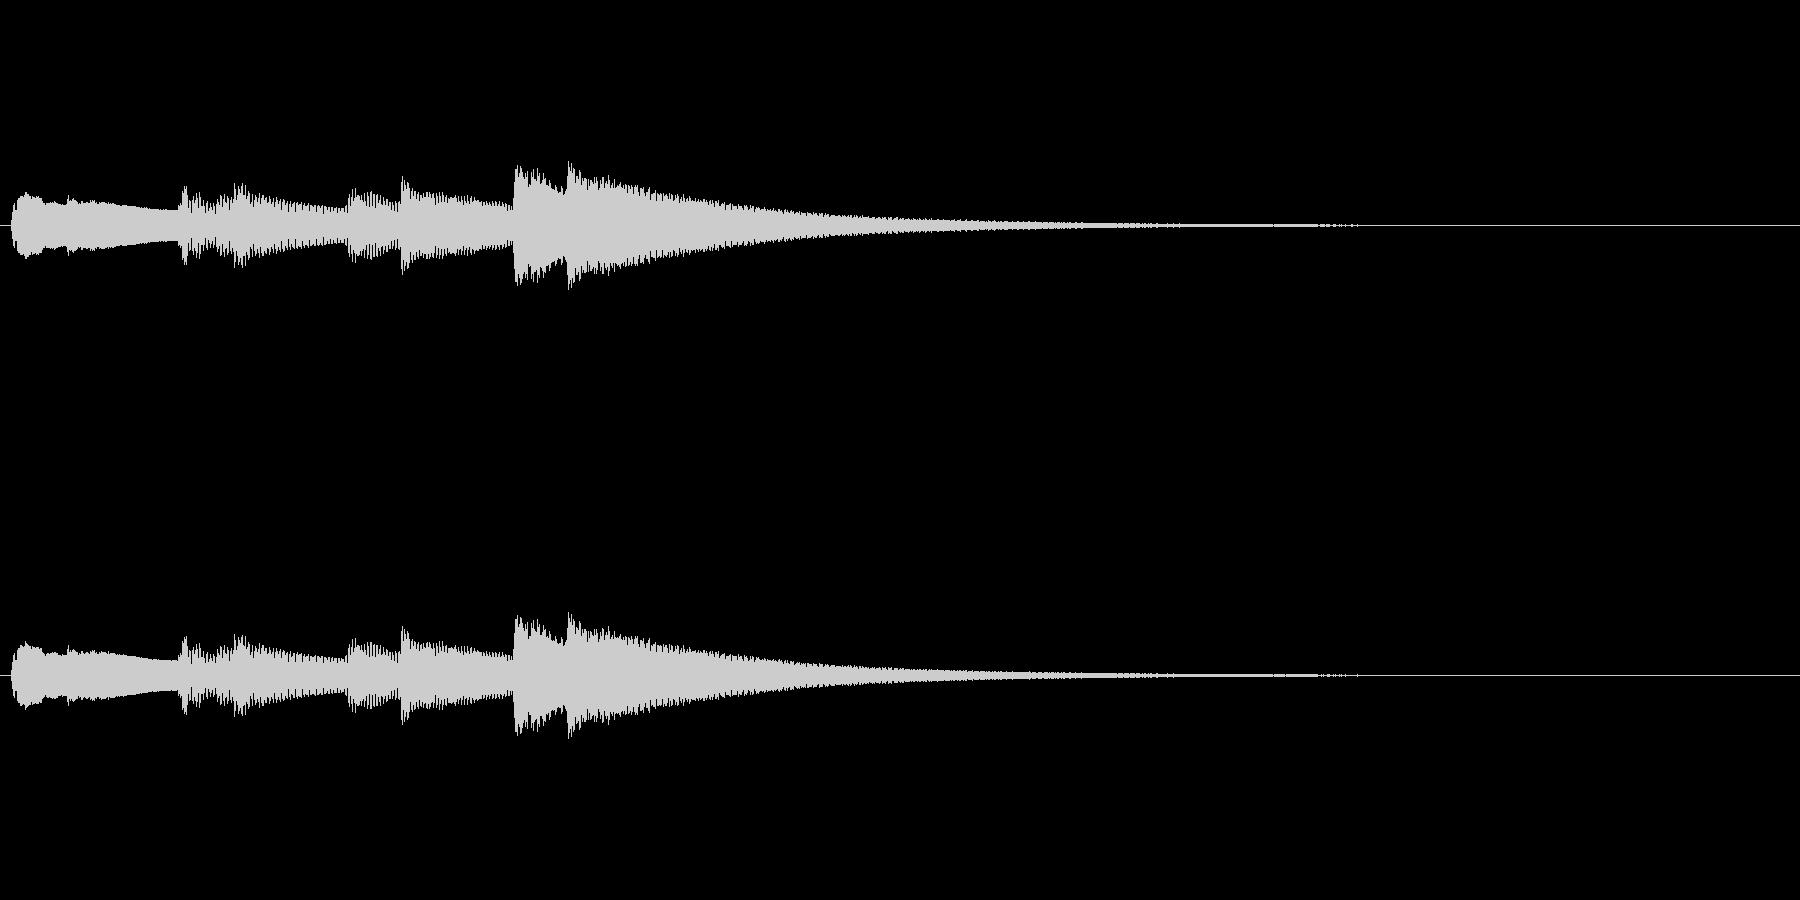 【キラキラキラキラーン】チェレスタ上昇音の未再生の波形